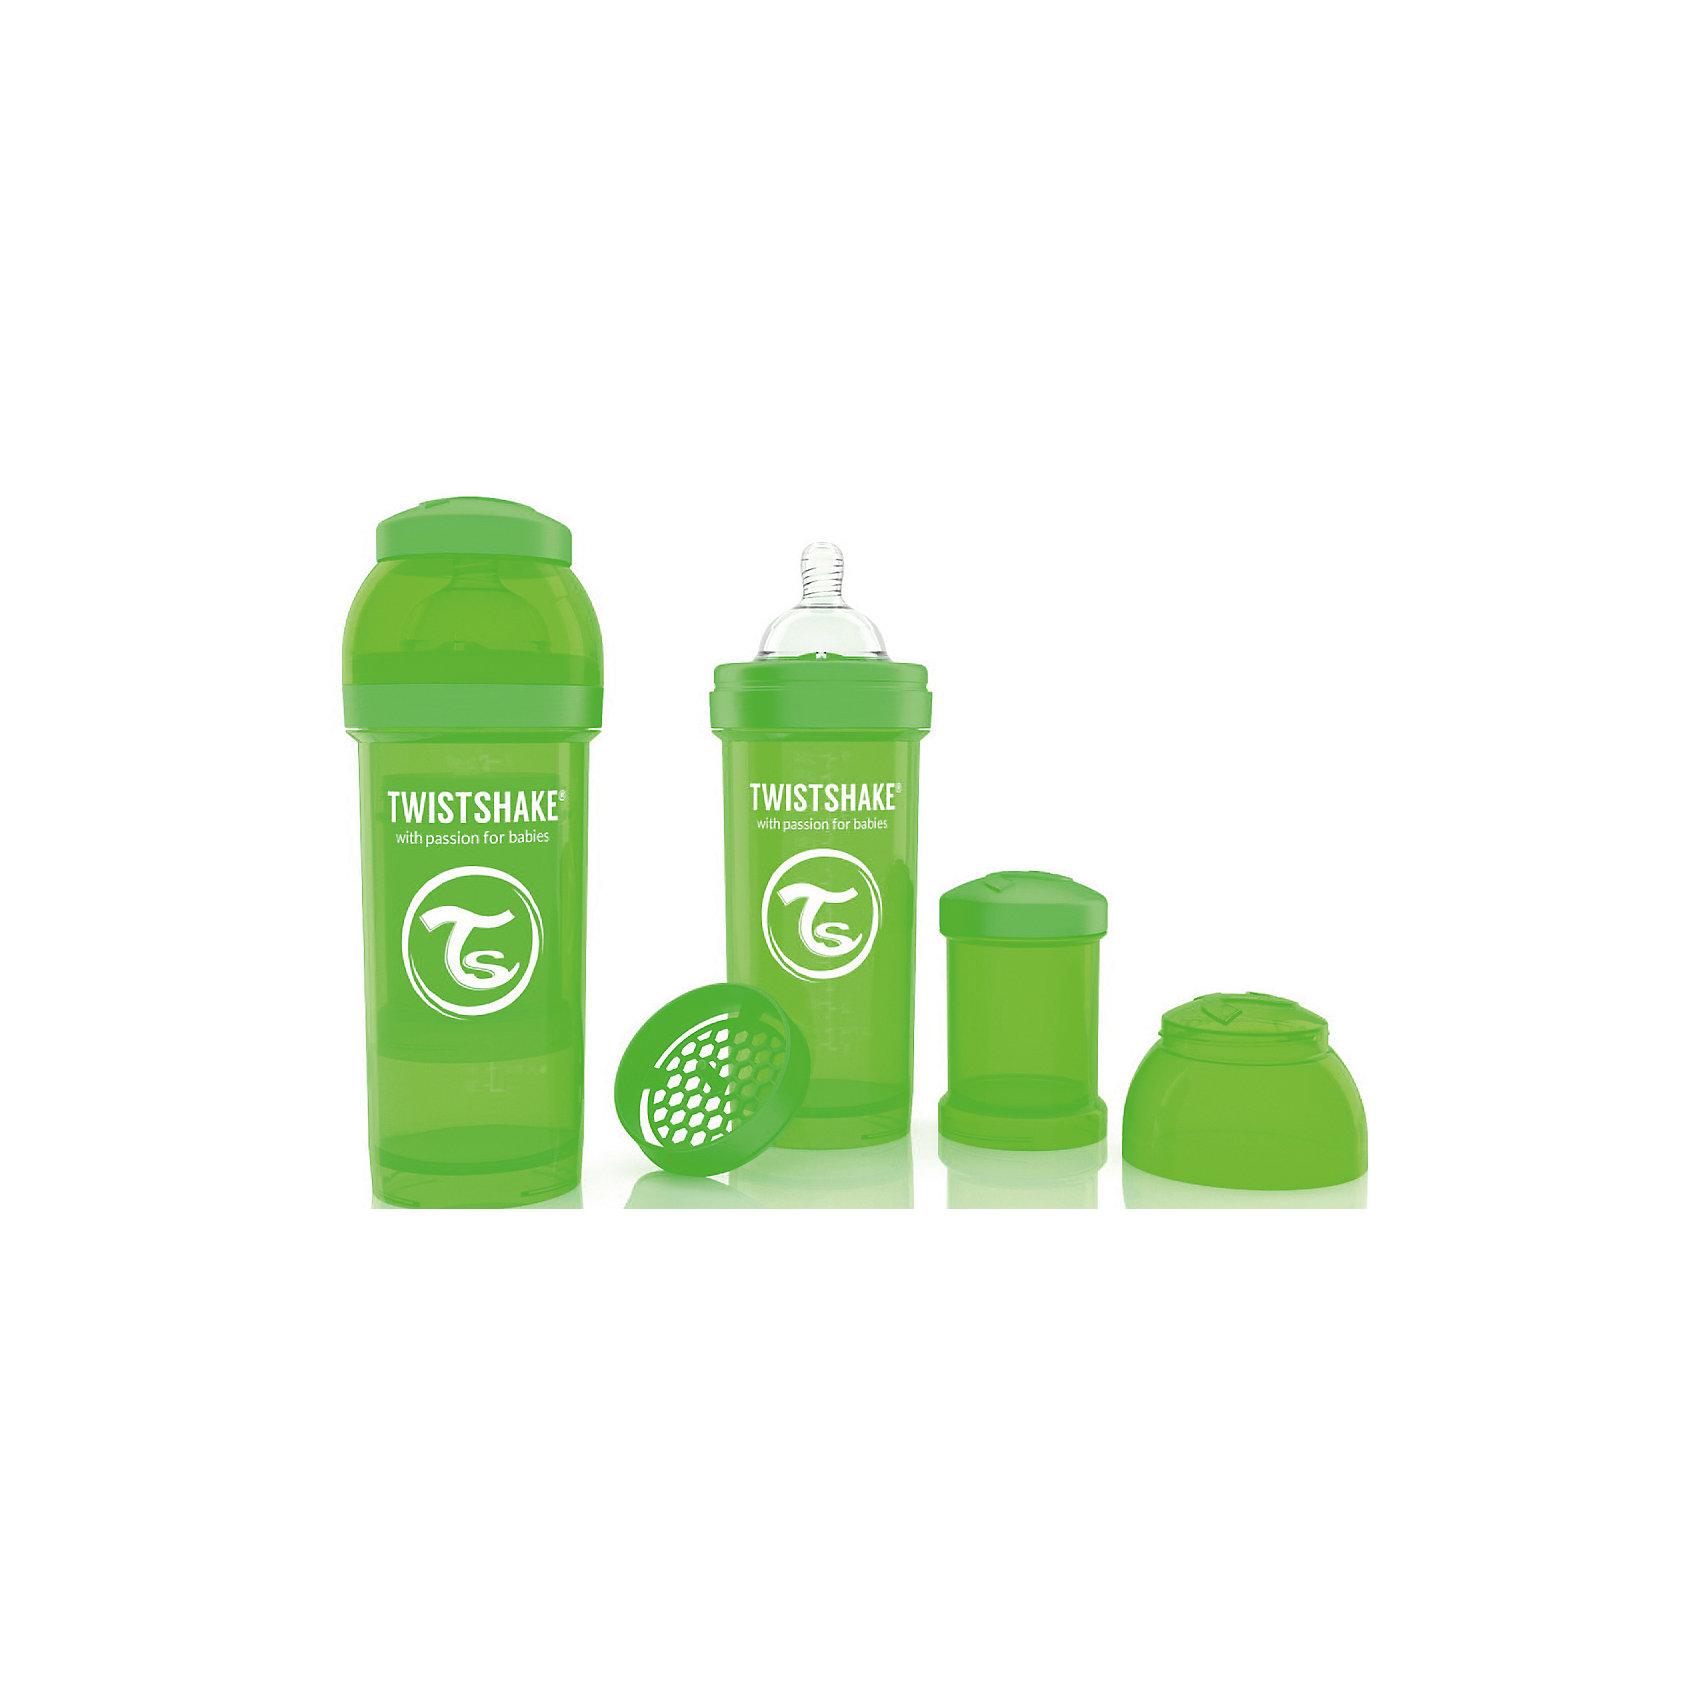 Антиколиковая бутылочка 260 мл., Twistshake, зелёныйАнтиколиковая бутылочка 260 мл., зелёный от шведского бренда Twistshake (Твистшейк), придет по вкусу малышам и современным родителям. Эти бутылочки идут в комплекте с контейнером для сухой смеси, чтобы можно было готовить смесь в любом месте непосредсвенно перед кормлением. Также в комплект входит решеточка для разбивки комочков смеси, делая саму смесь идеальной. Материал бутылочки имеет свойства сохранения температуры, не содержит бисфенол А. Удобная форма горлышка обеспечивает доступ к полной промывки бутылочки, можно стерилизовать как холодным, так и горячим методами. Небольшой контейнер для смеси (100 мл.) можно использовать для хранения еды, например печенья или кусочков яблока. Соска бутылочки имеет ортодонтичную форму, благодаря специальному клапану и строению предотвращает попадание воздуха и снижает вероятность появления коликов у крохи. Все предметы складываются в бутылочку для удобной транспортировки и хранения. Также можно купить бутылочки разных цветов и комбинировать их в любимые цветовые сочетания.<br><br>Дополнительная информация:<br><br>- В комплект входит: бутылочка с соской 260 мл., контейнер с крышкой 100 мл., решетка, крышка для бутылочки.<br>- Размер соски: М<br>- Состав бутылочки: 100% пропиллен<br>- Состав соски: силикон<br><br>Антиколиковую бутылочку 260 мл., Twistshake, зелёный можно купить в нашем интернет-магазине.<br>Подробнее:<br>• Для детей в возрасте: от 2 месяцев <br>• Номер товара: 4976047<br>Страна производитель: Китай<br><br>Ширина мм: 70<br>Глубина мм: 70<br>Высота мм: 190<br>Вес г: 164<br>Возраст от месяцев: 2<br>Возраст до месяцев: 12<br>Пол: Унисекс<br>Возраст: Детский<br>SKU: 4976047